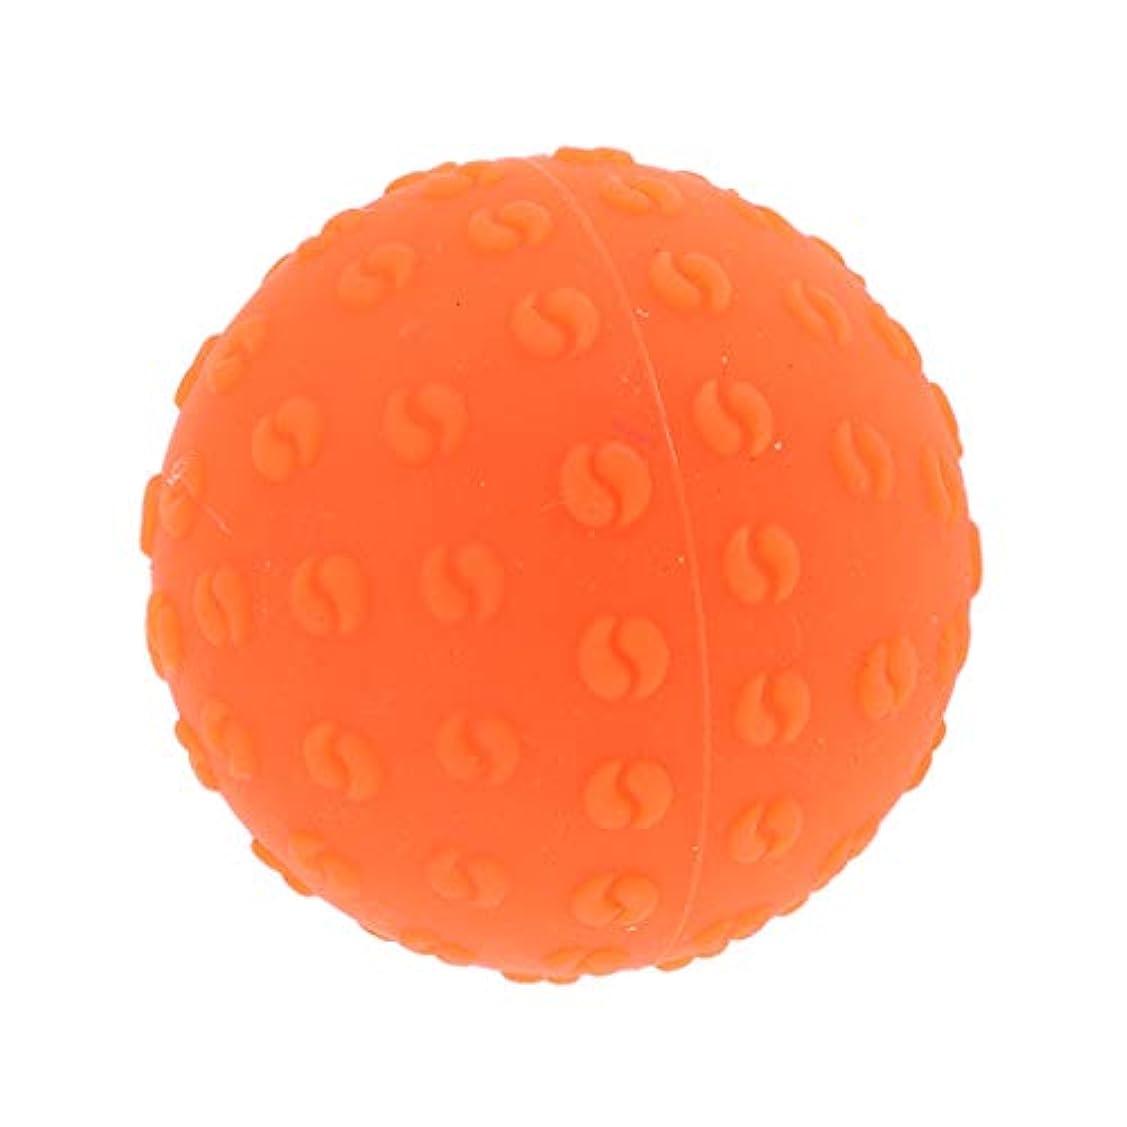 わかりやすい思想ログマッサージボール 指圧ボール シリコーン トリガーポイント 足底筋膜炎 ヨガ ツボ押しグッズ 全6色 - オレンジ, 説明のとおり